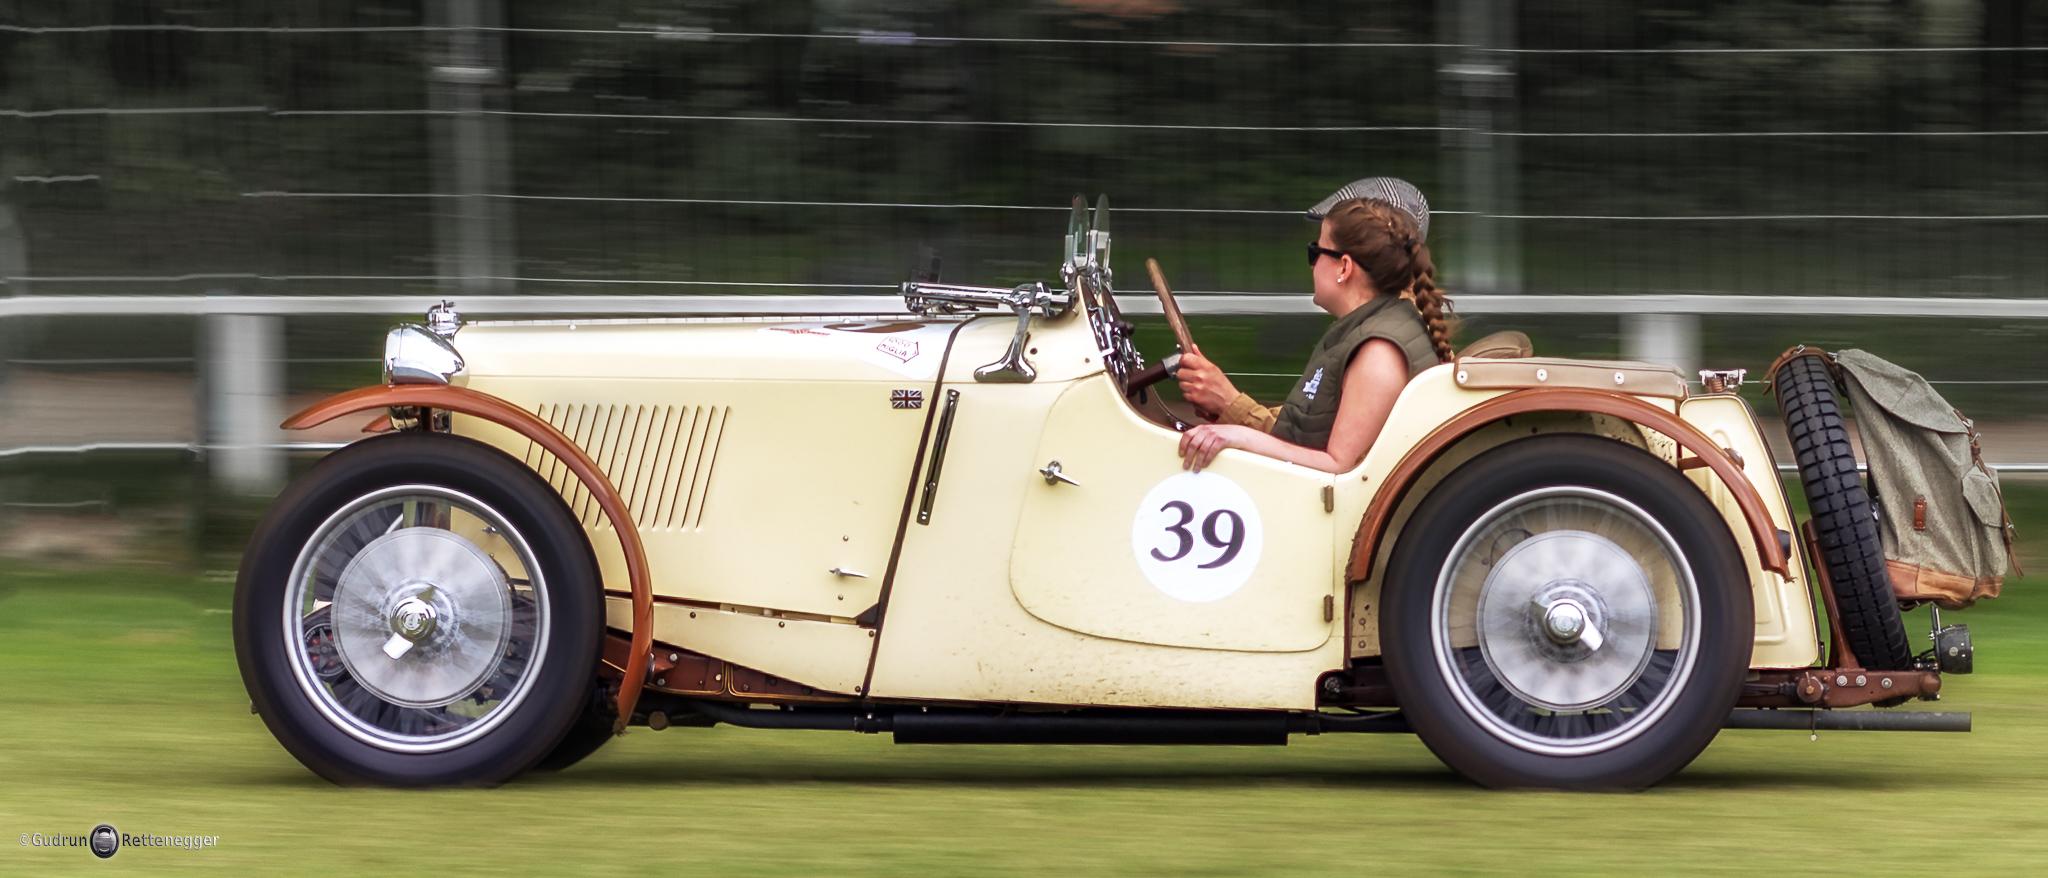 Vintage Race Days 2017